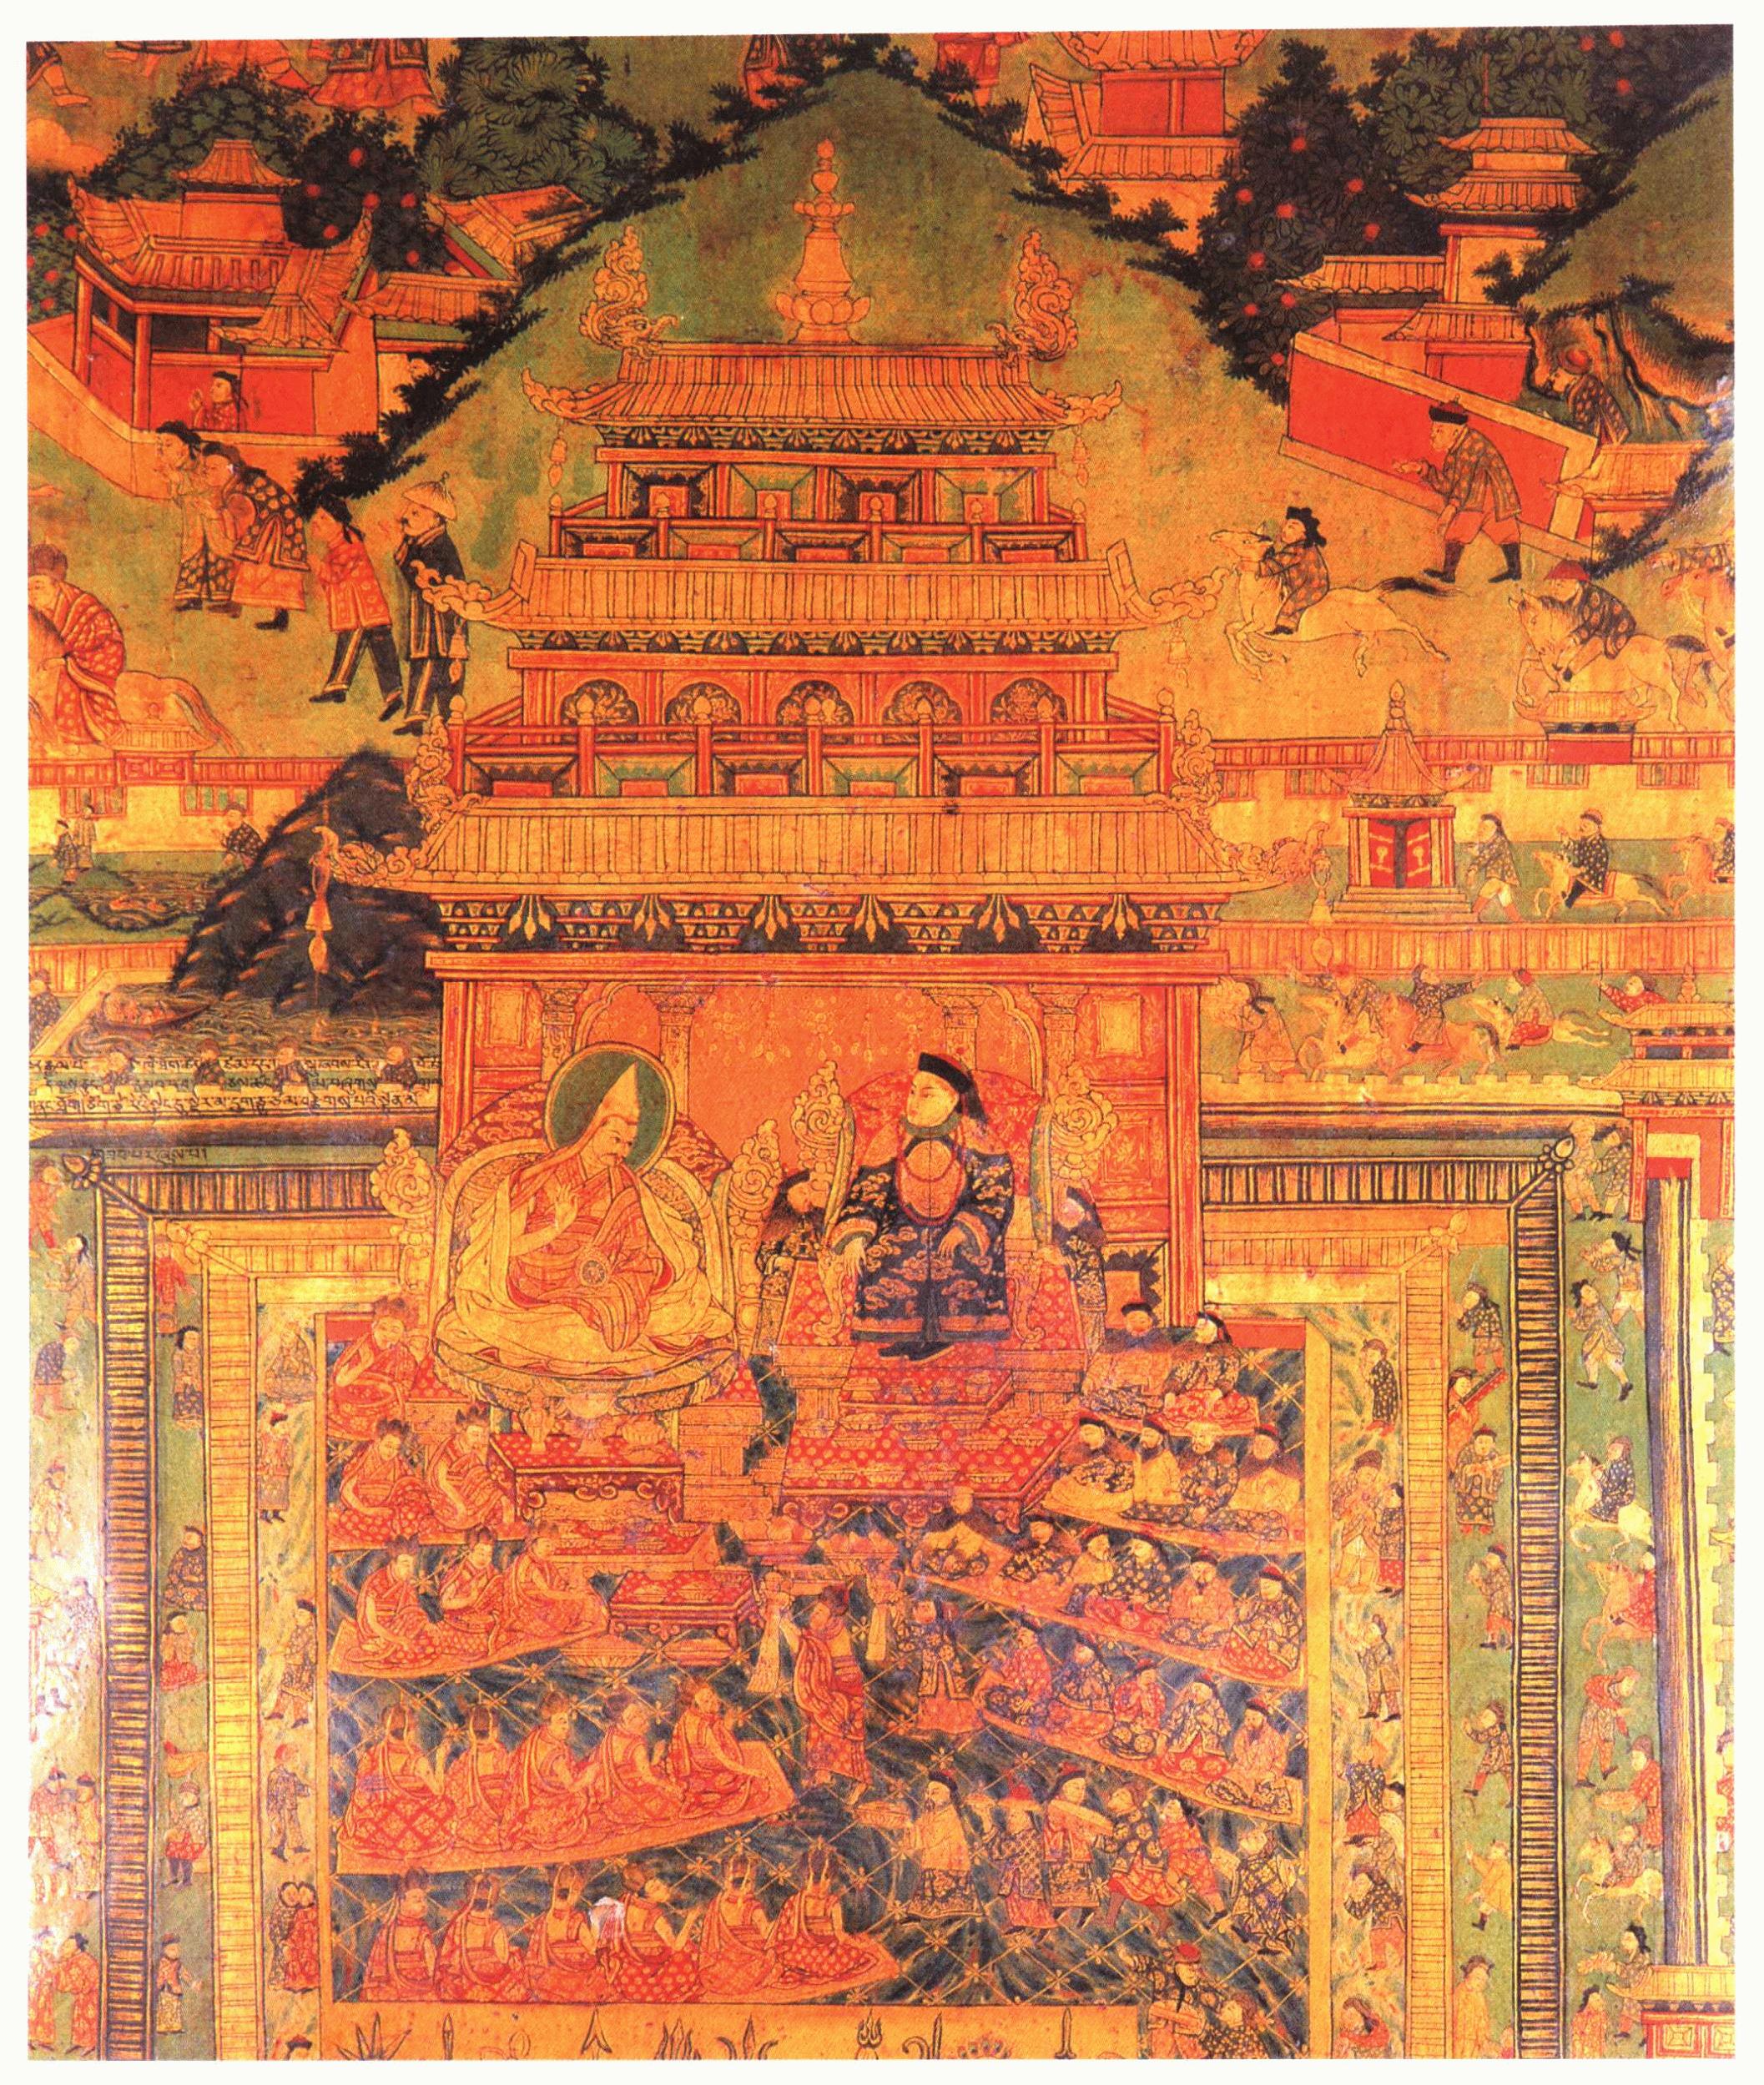 布达拉宫壁画,描绘了五世达赖喇嘛与满清顺治皇帝的会见场景。(唯色提供)